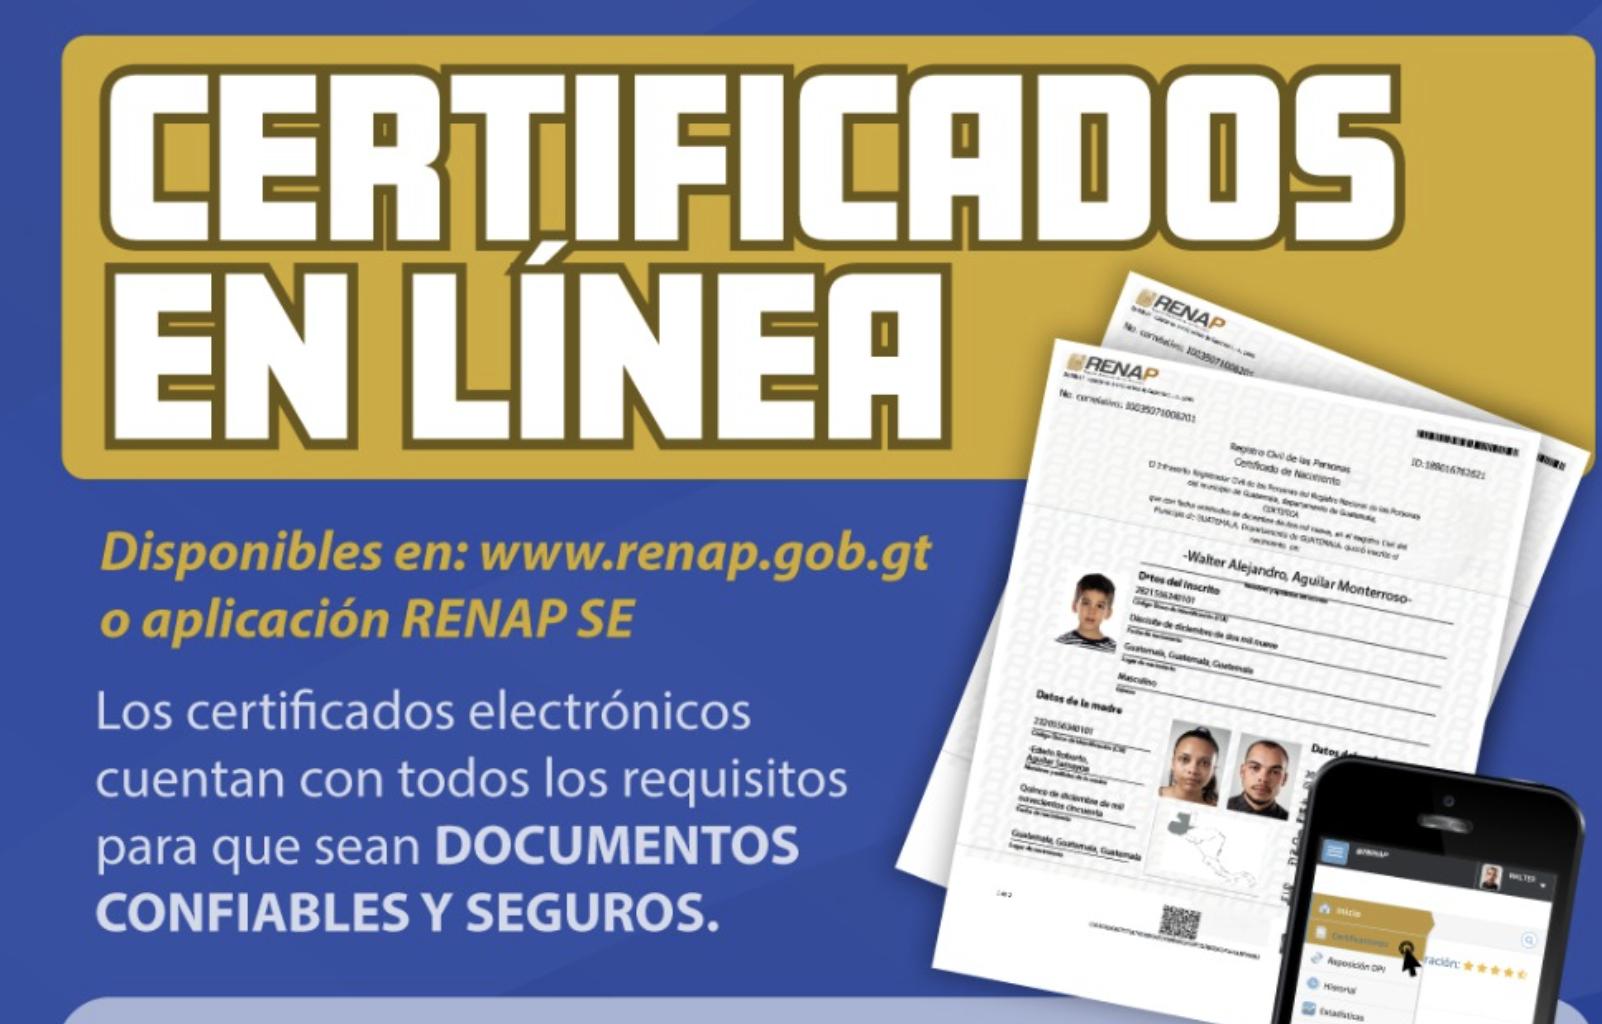 certificados en línea de RENAP son legítimos